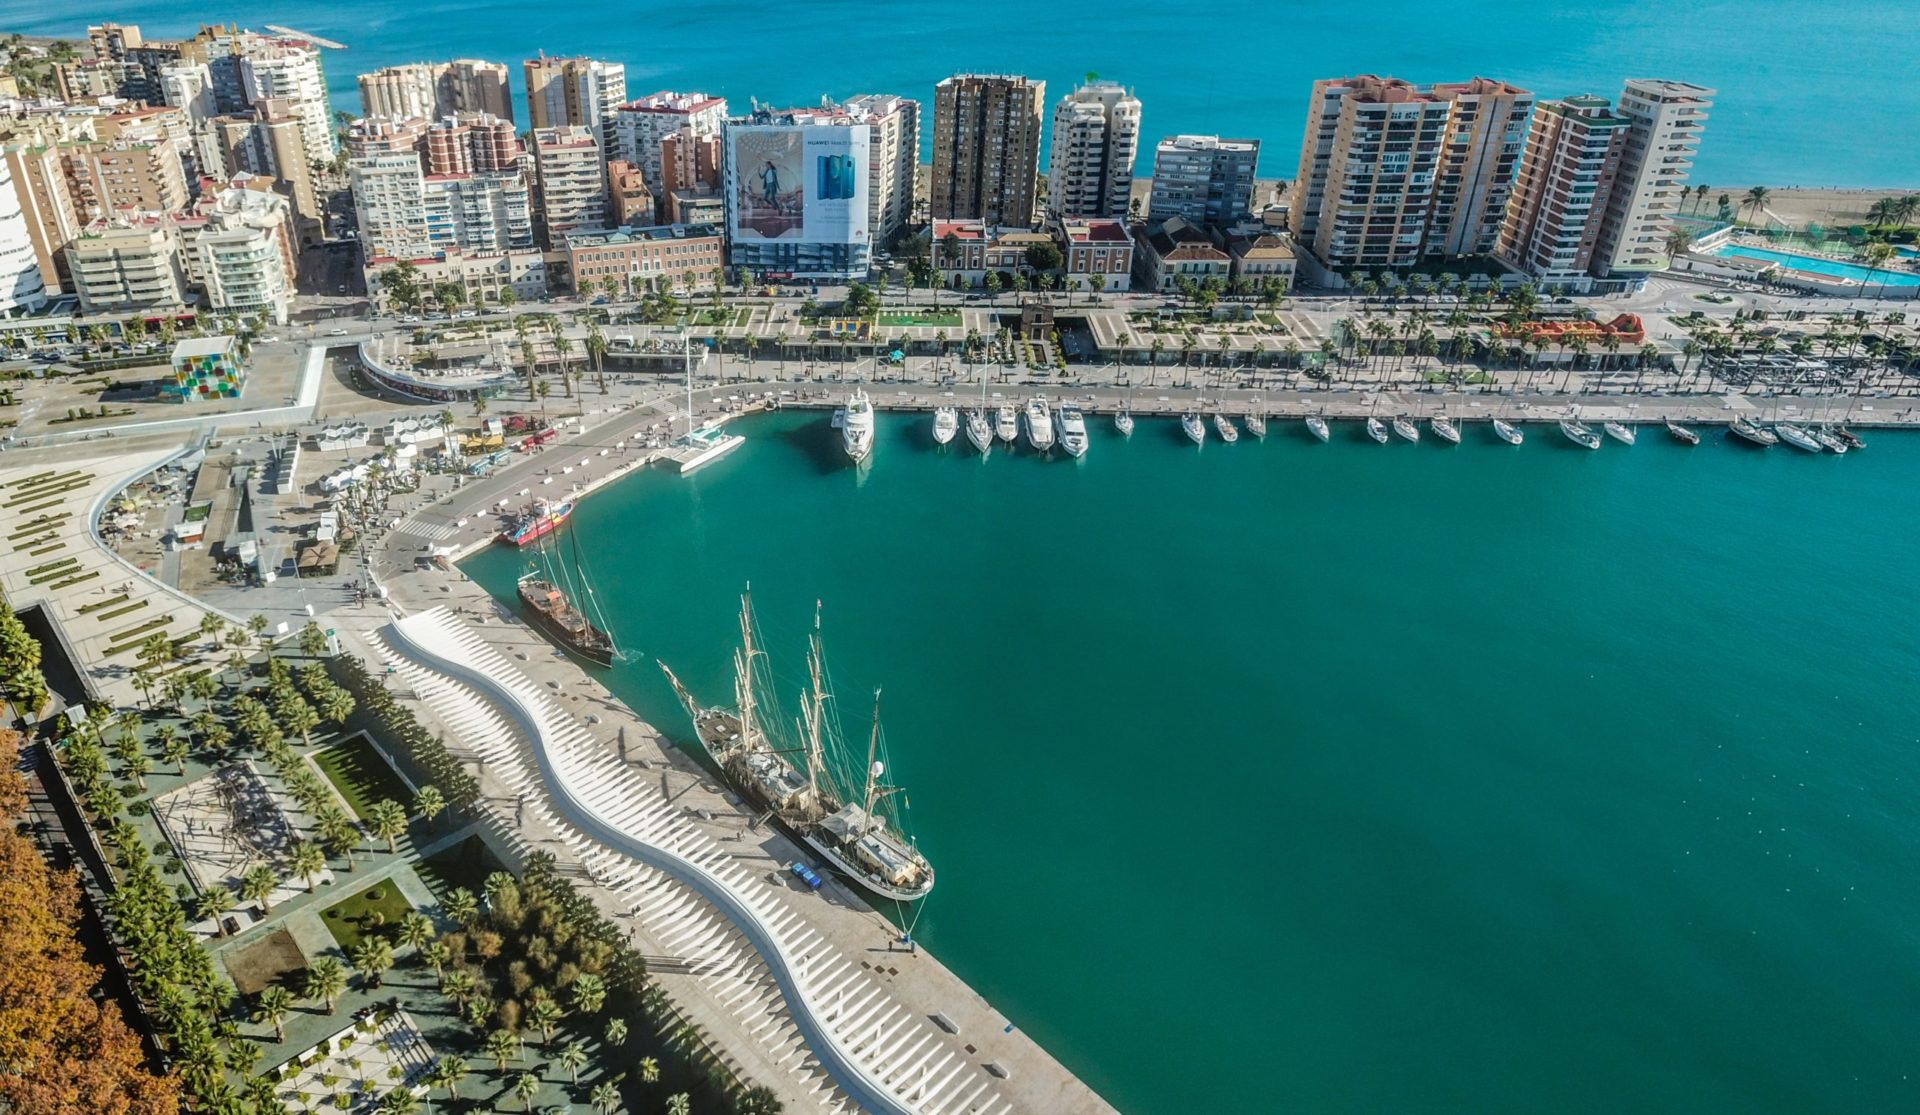 Wassertemperatur Malaga: Der Hafen von Malaga